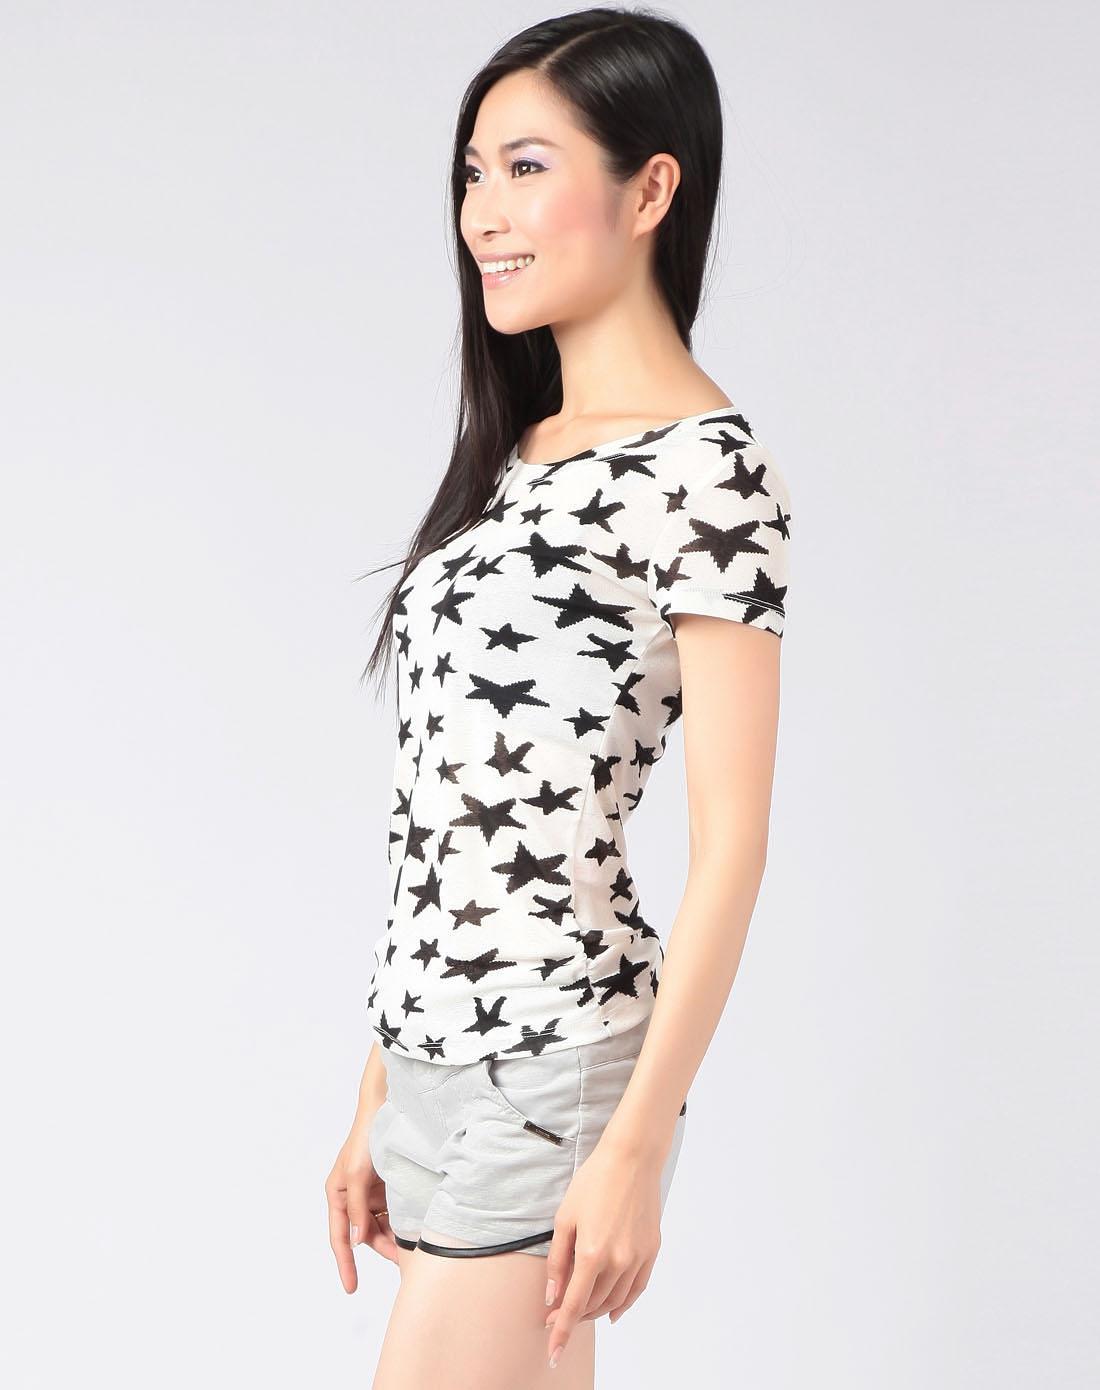 女白底黑色星星圆领短袖t恤